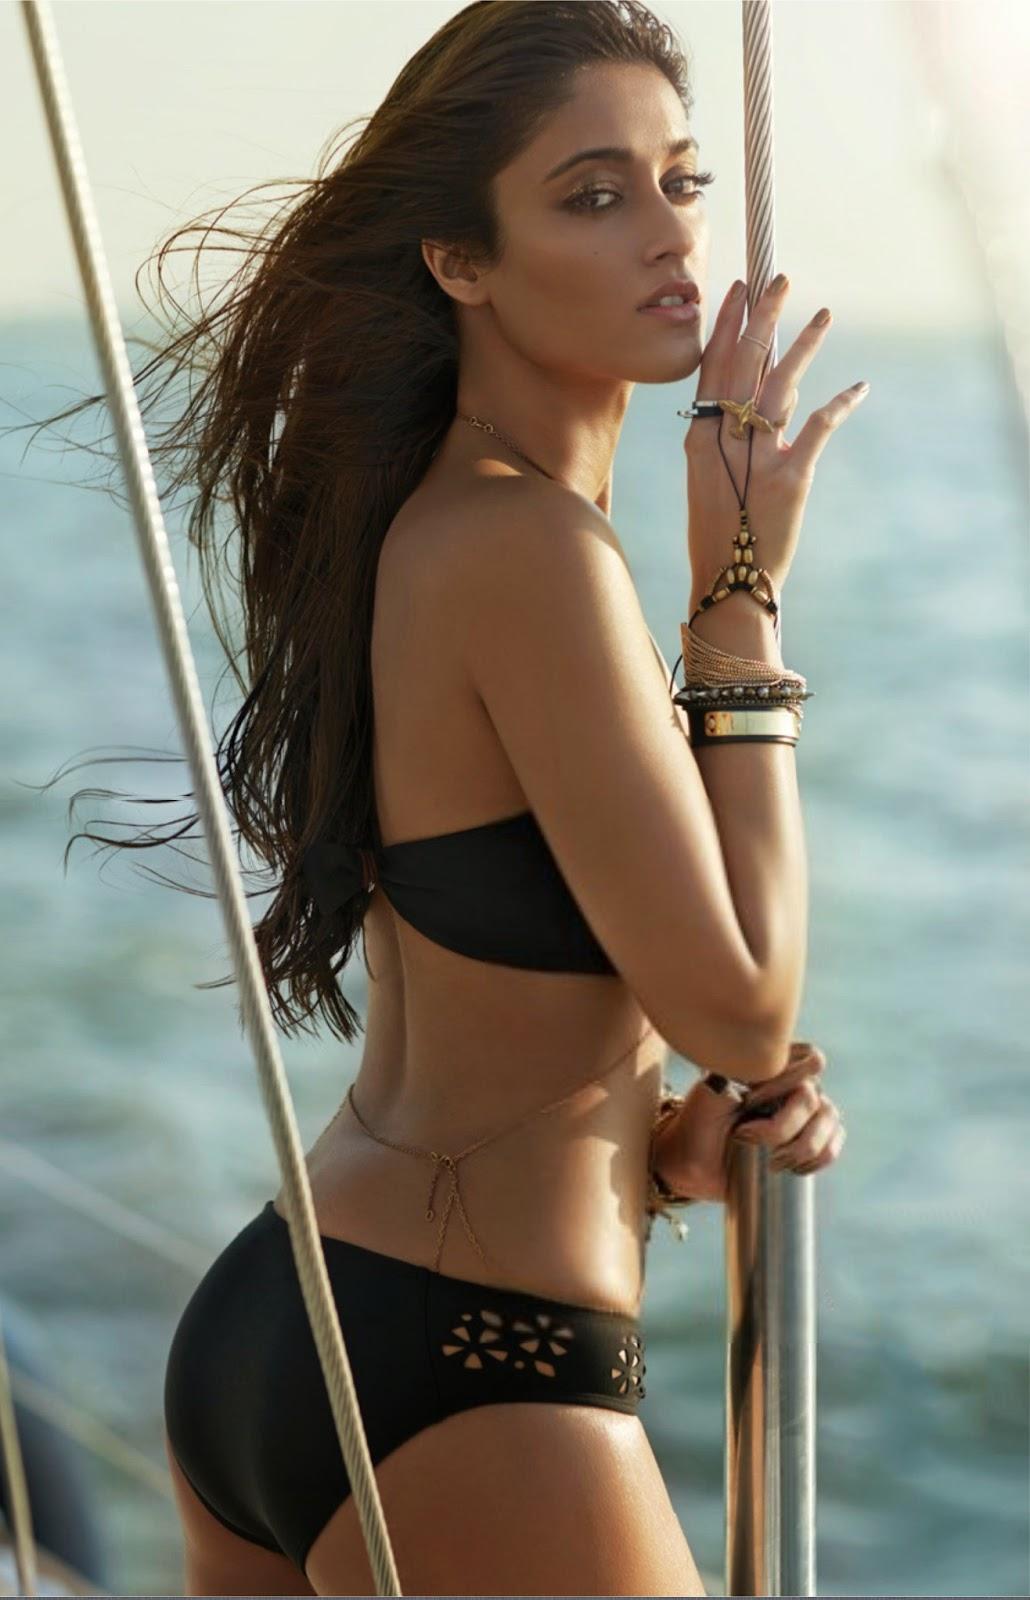 Ileana Dcruz Bikini Pics In Hd 4 Pics